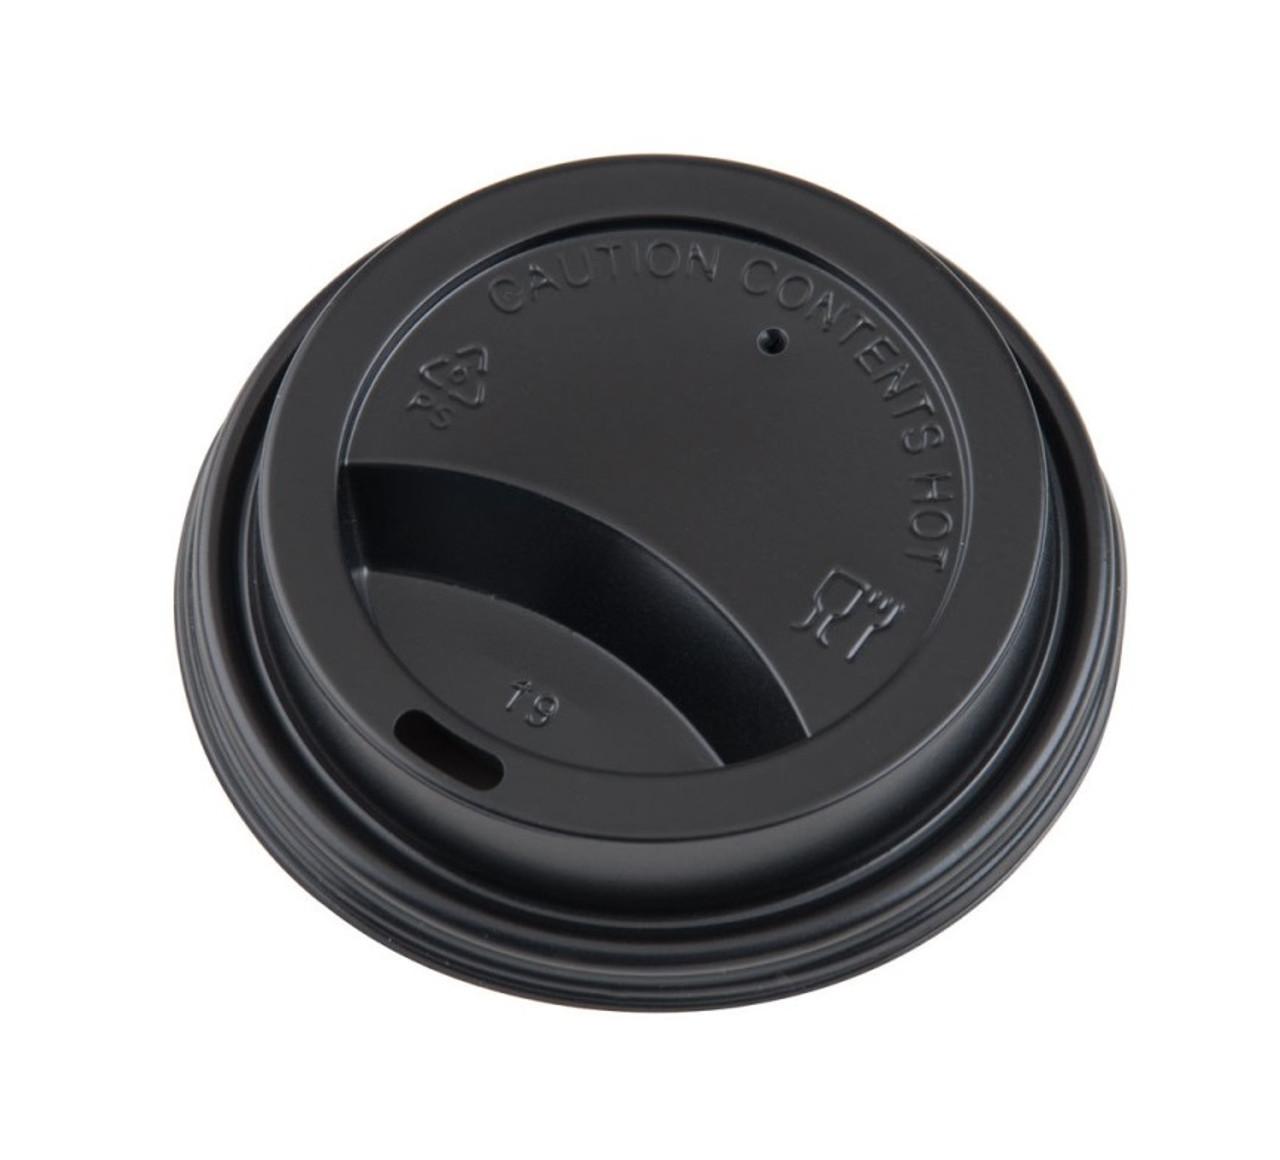 Hot Cup Lids - Black - 8oz